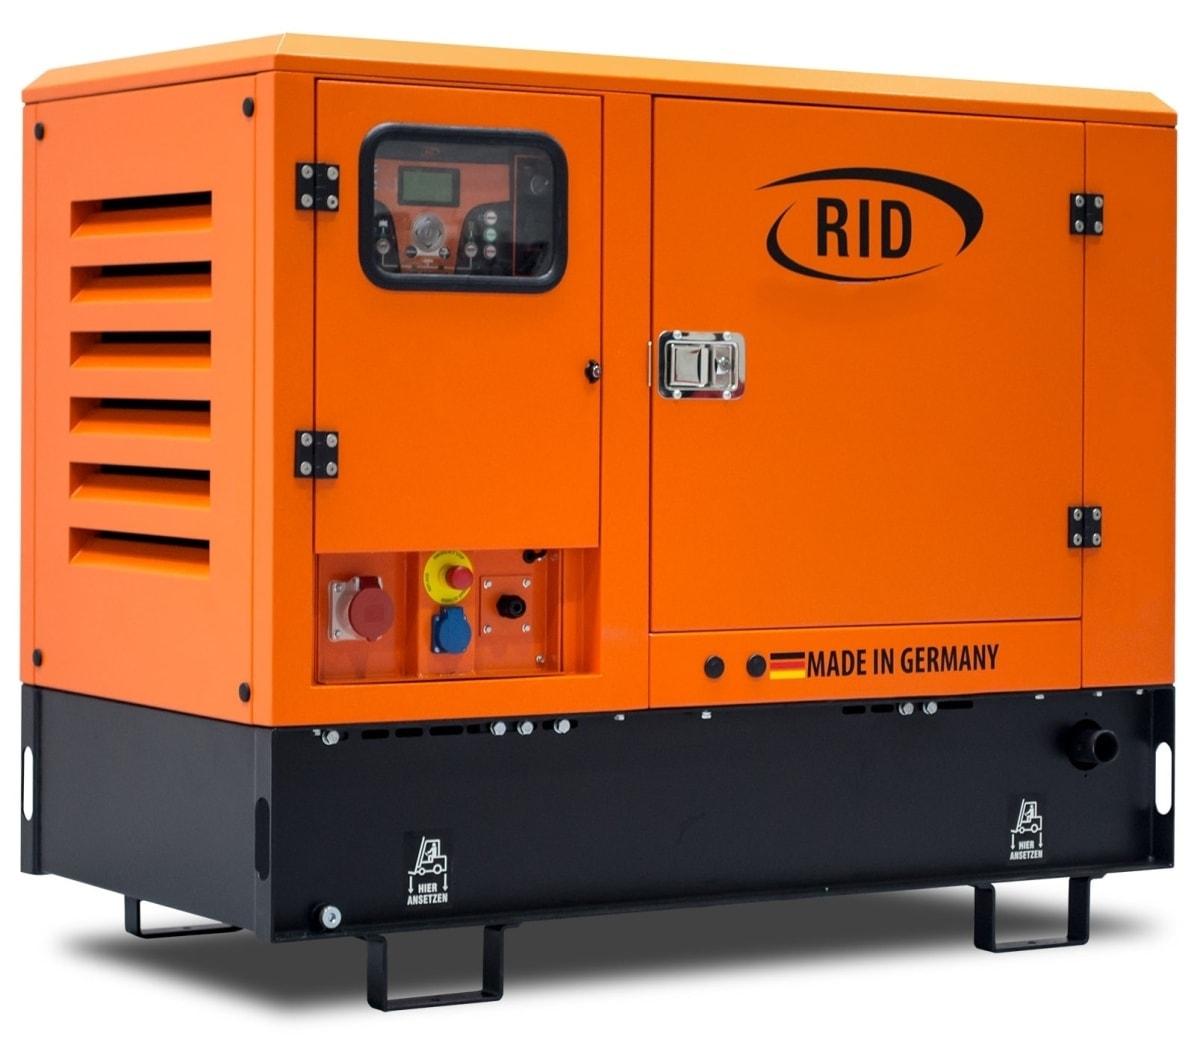 дизельная электростанция rid 10/1 e-series s